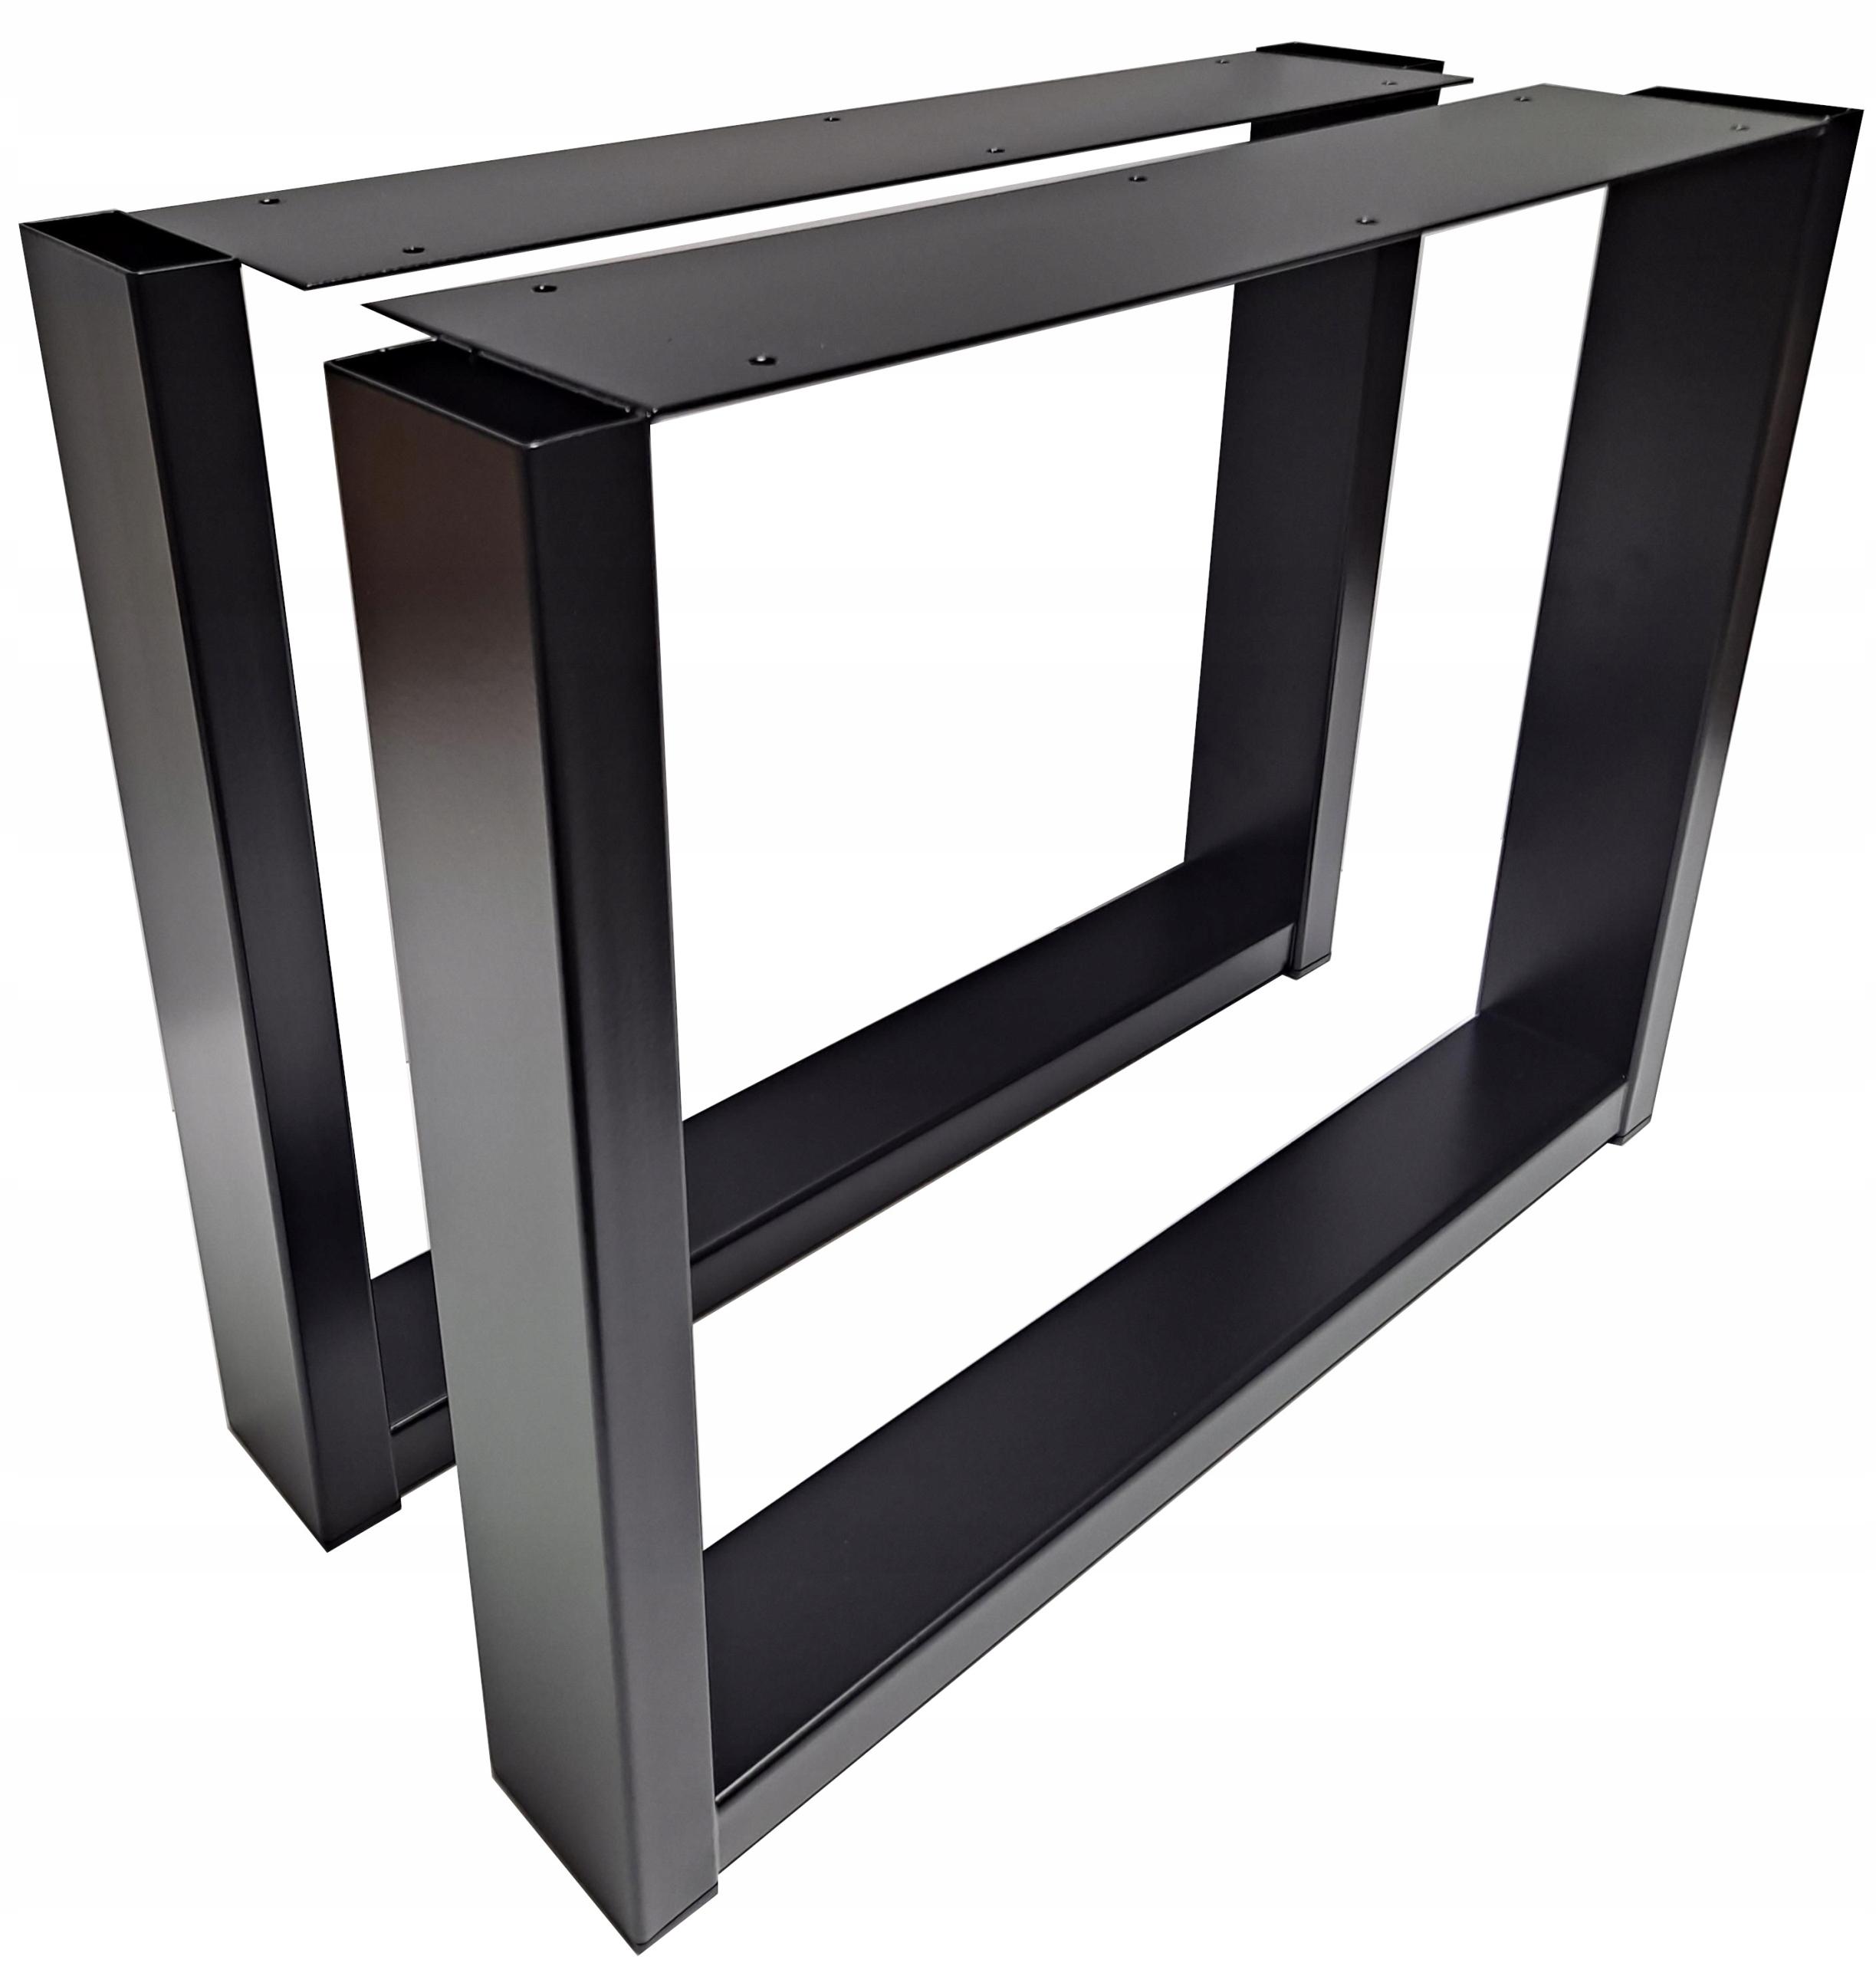 Ножка журнального столика, черные журнальные столики НГ-023.91